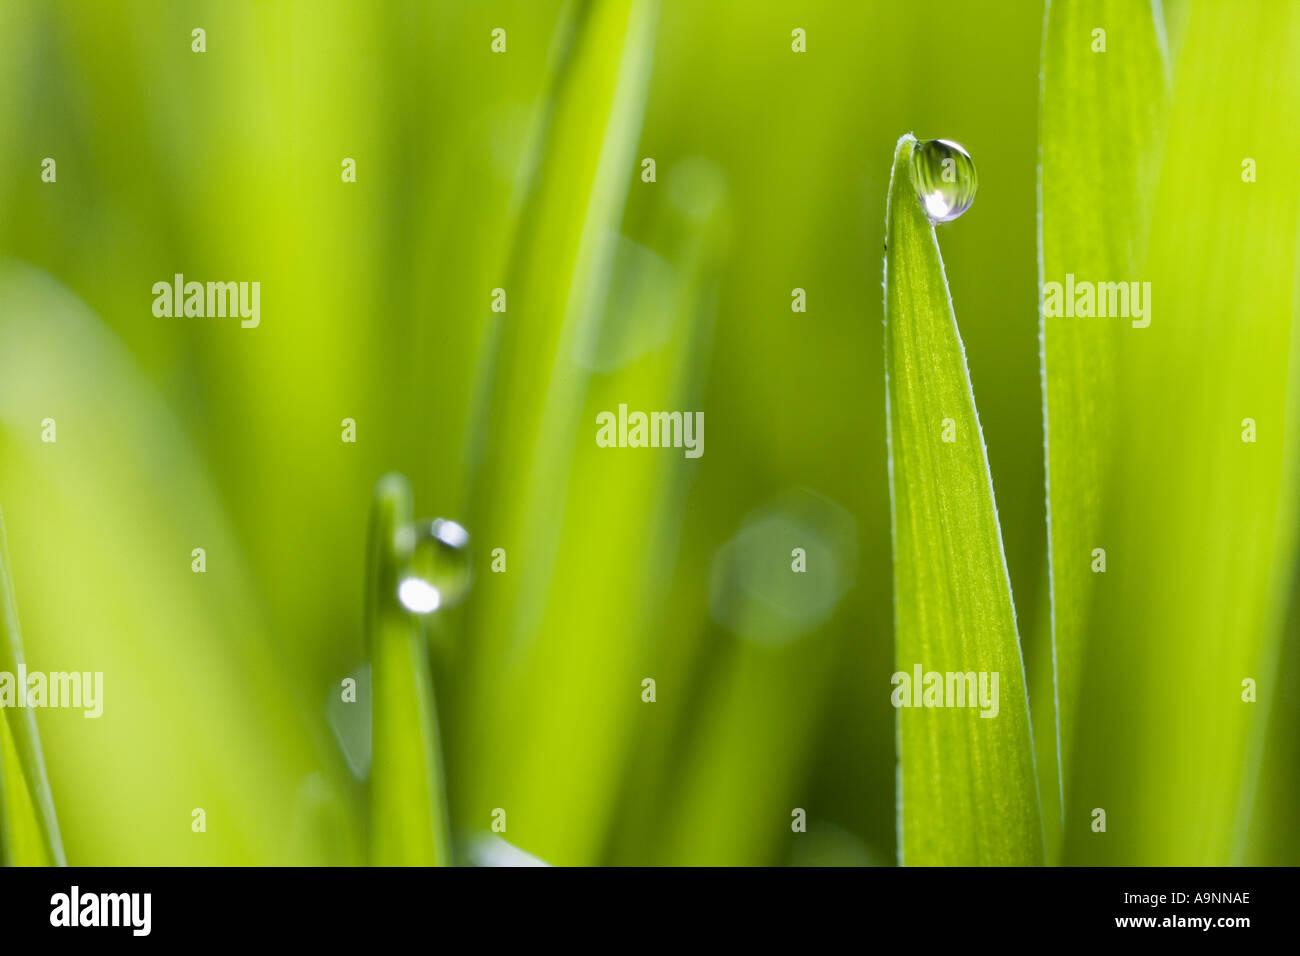 Gouttes d'eau sur des brins d'herbe Photo Stock